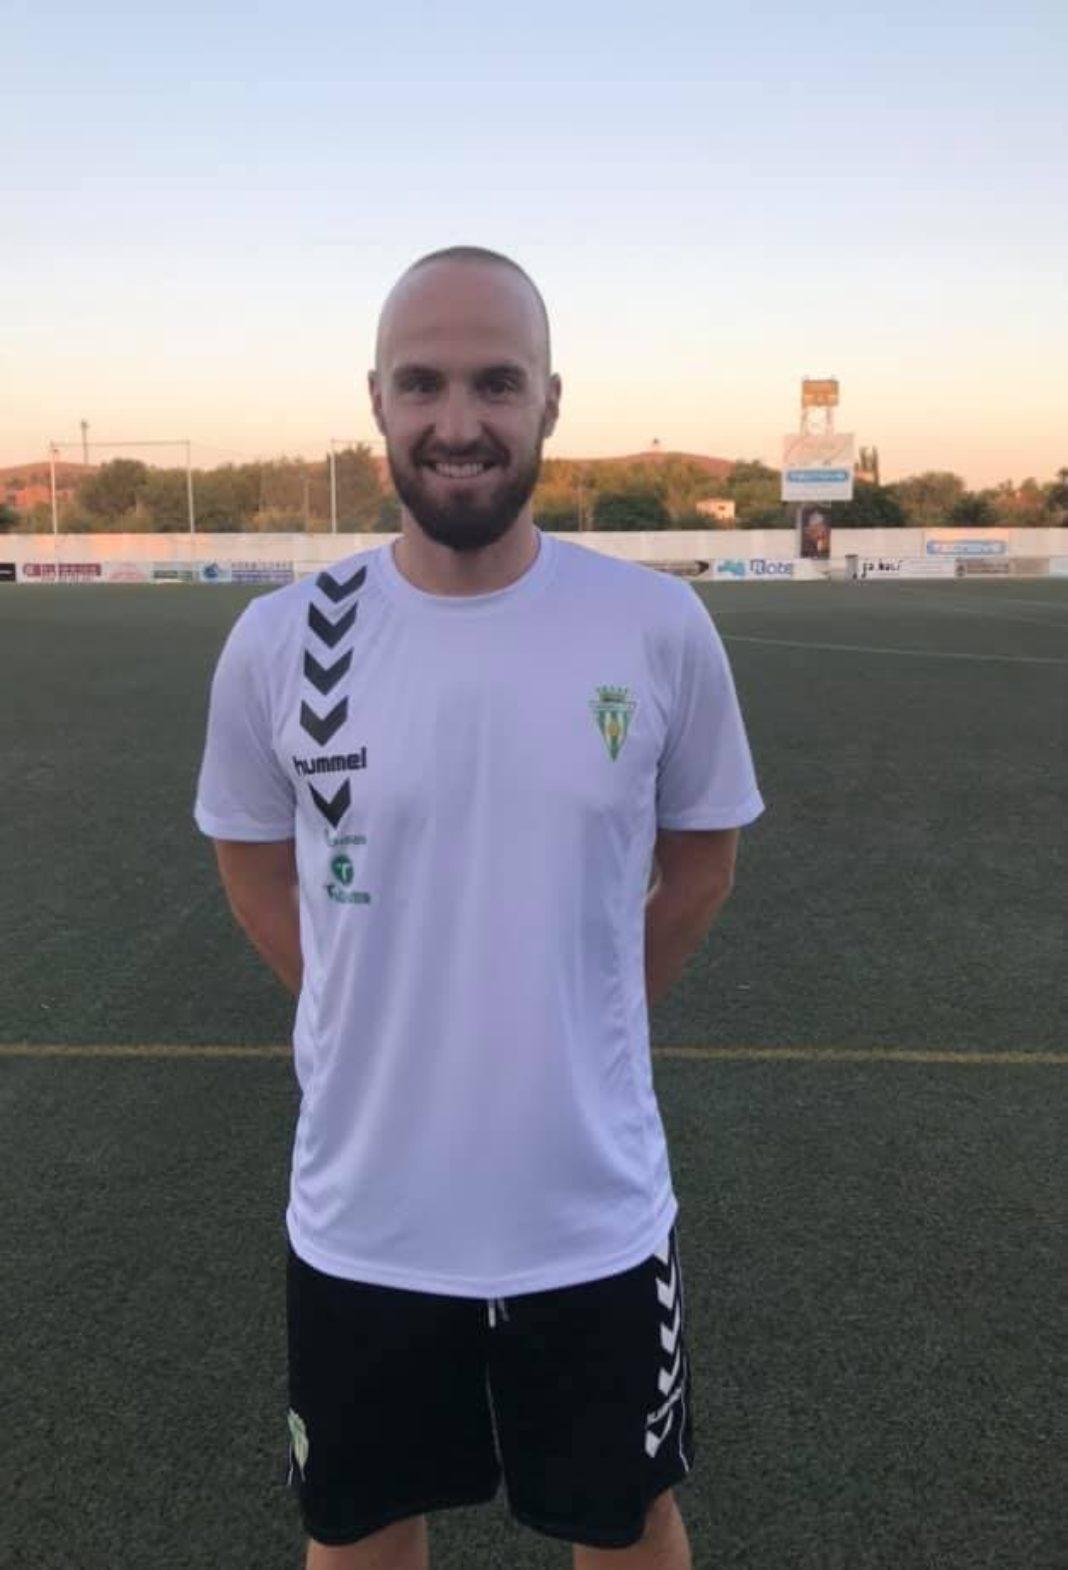 jesus david romero jugador herencia futbol 1068x1570 - Jesús David Romero jugará un año más con el Herencia C.F.